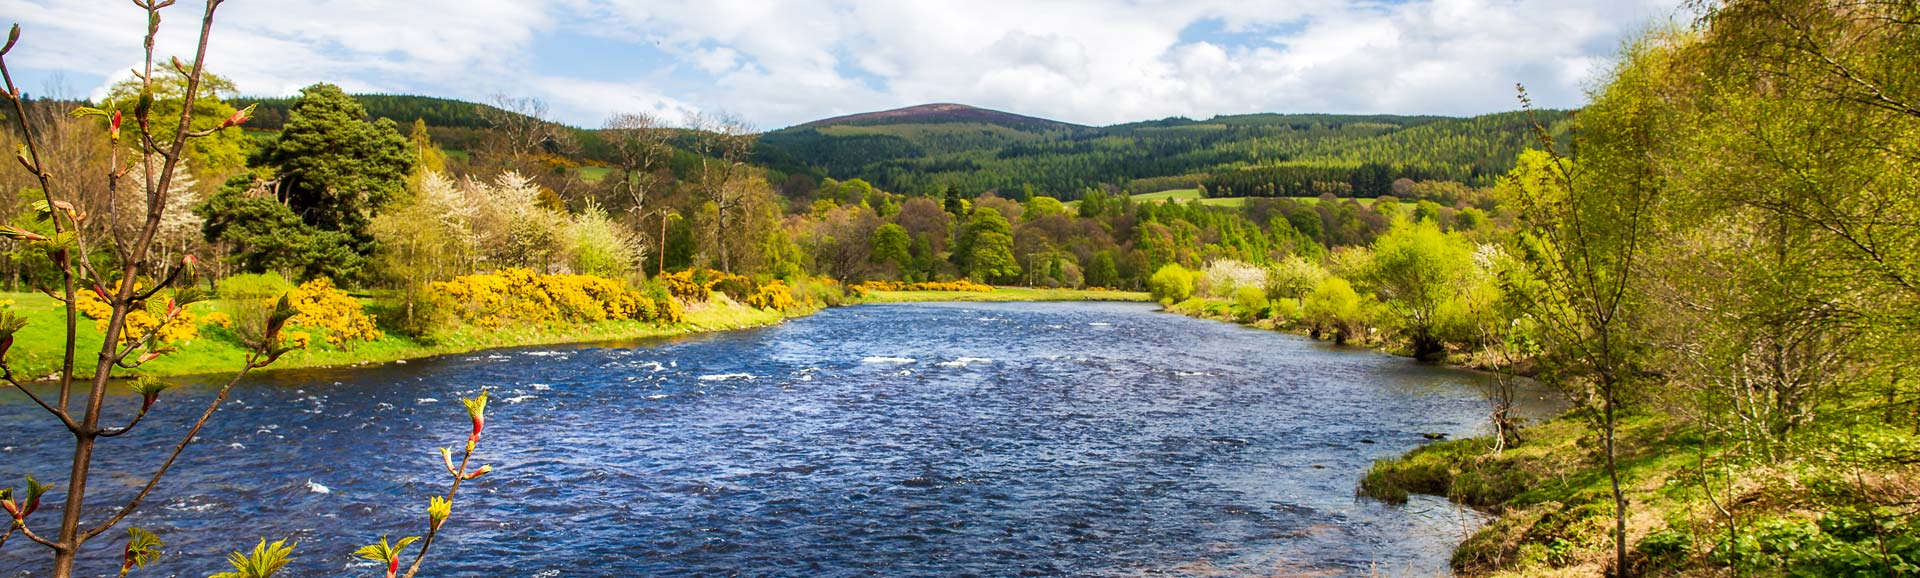 Der Fluss Spey in der Nähe des Dorfes Rothes, Schottland.